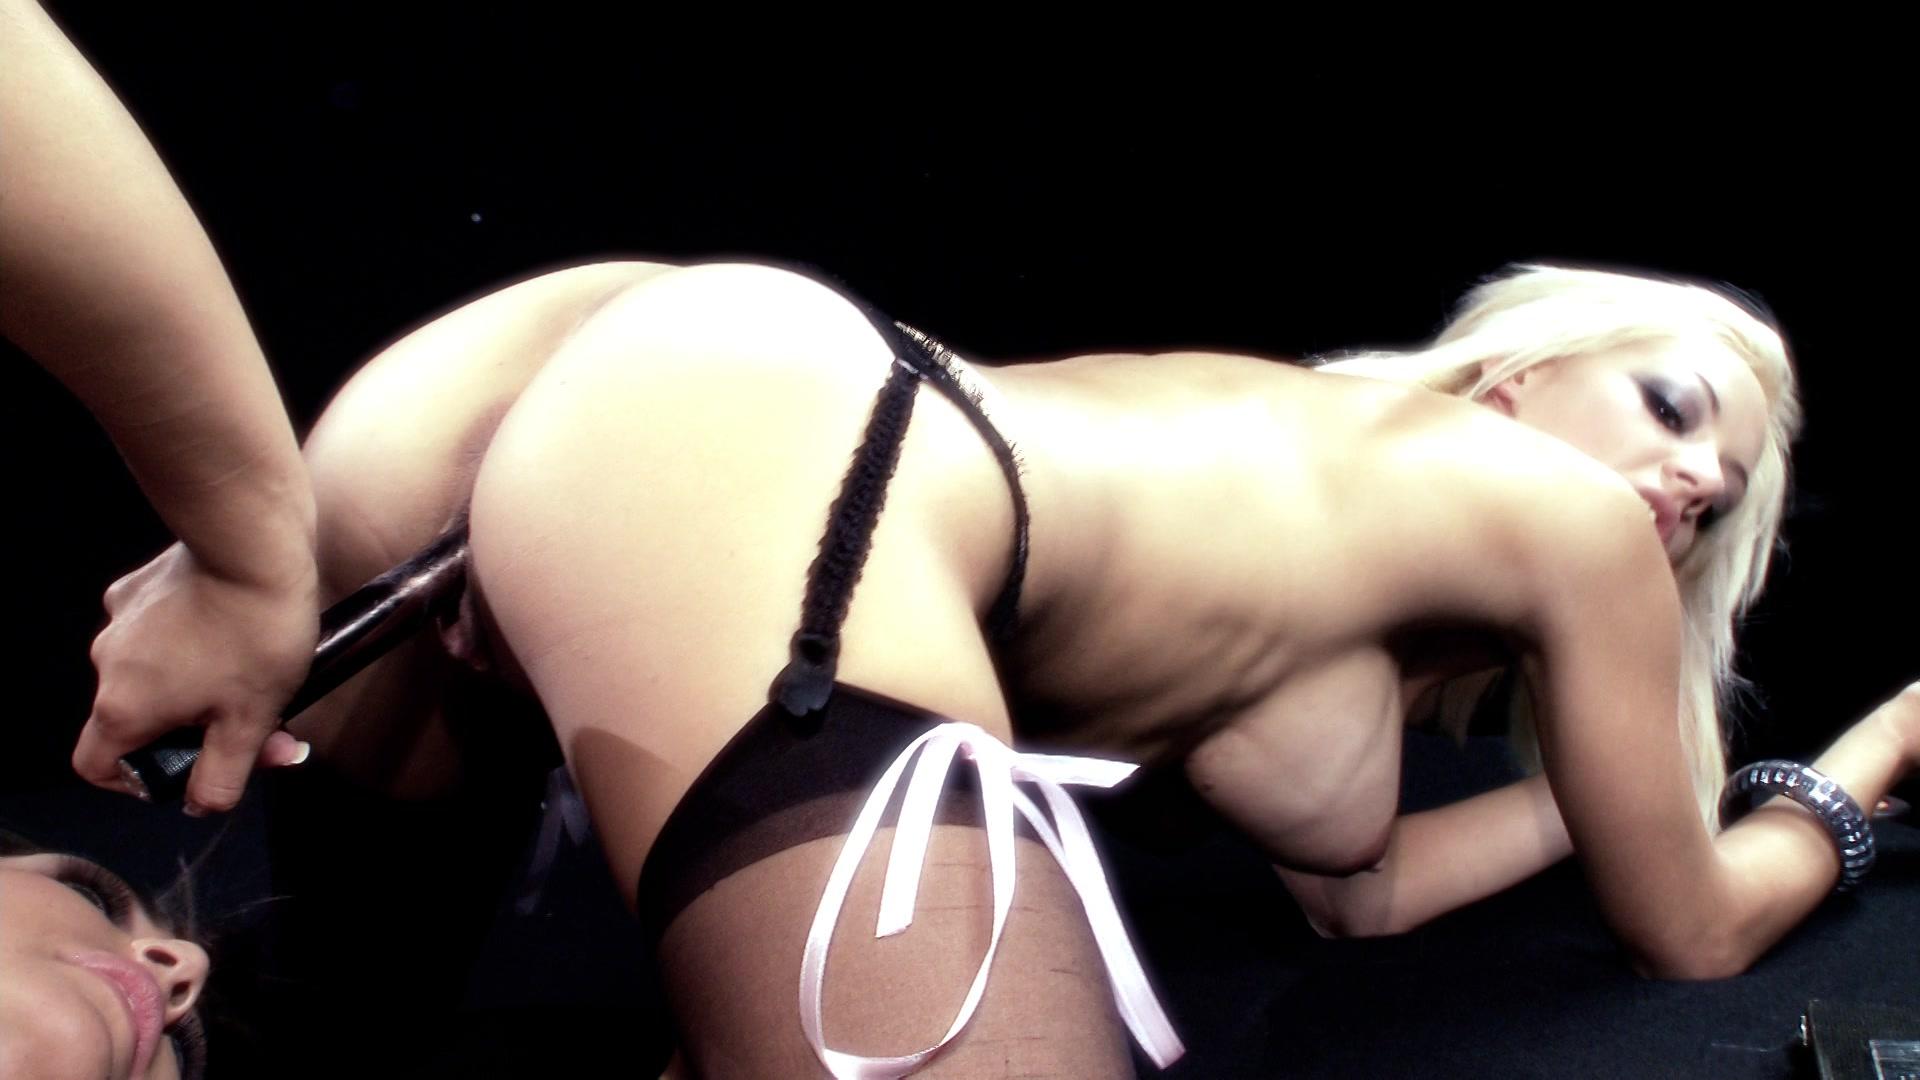 Секс машины привязанная девушка, Секс машины онлайн порно смотрите бесплатно, видео 17 фотография